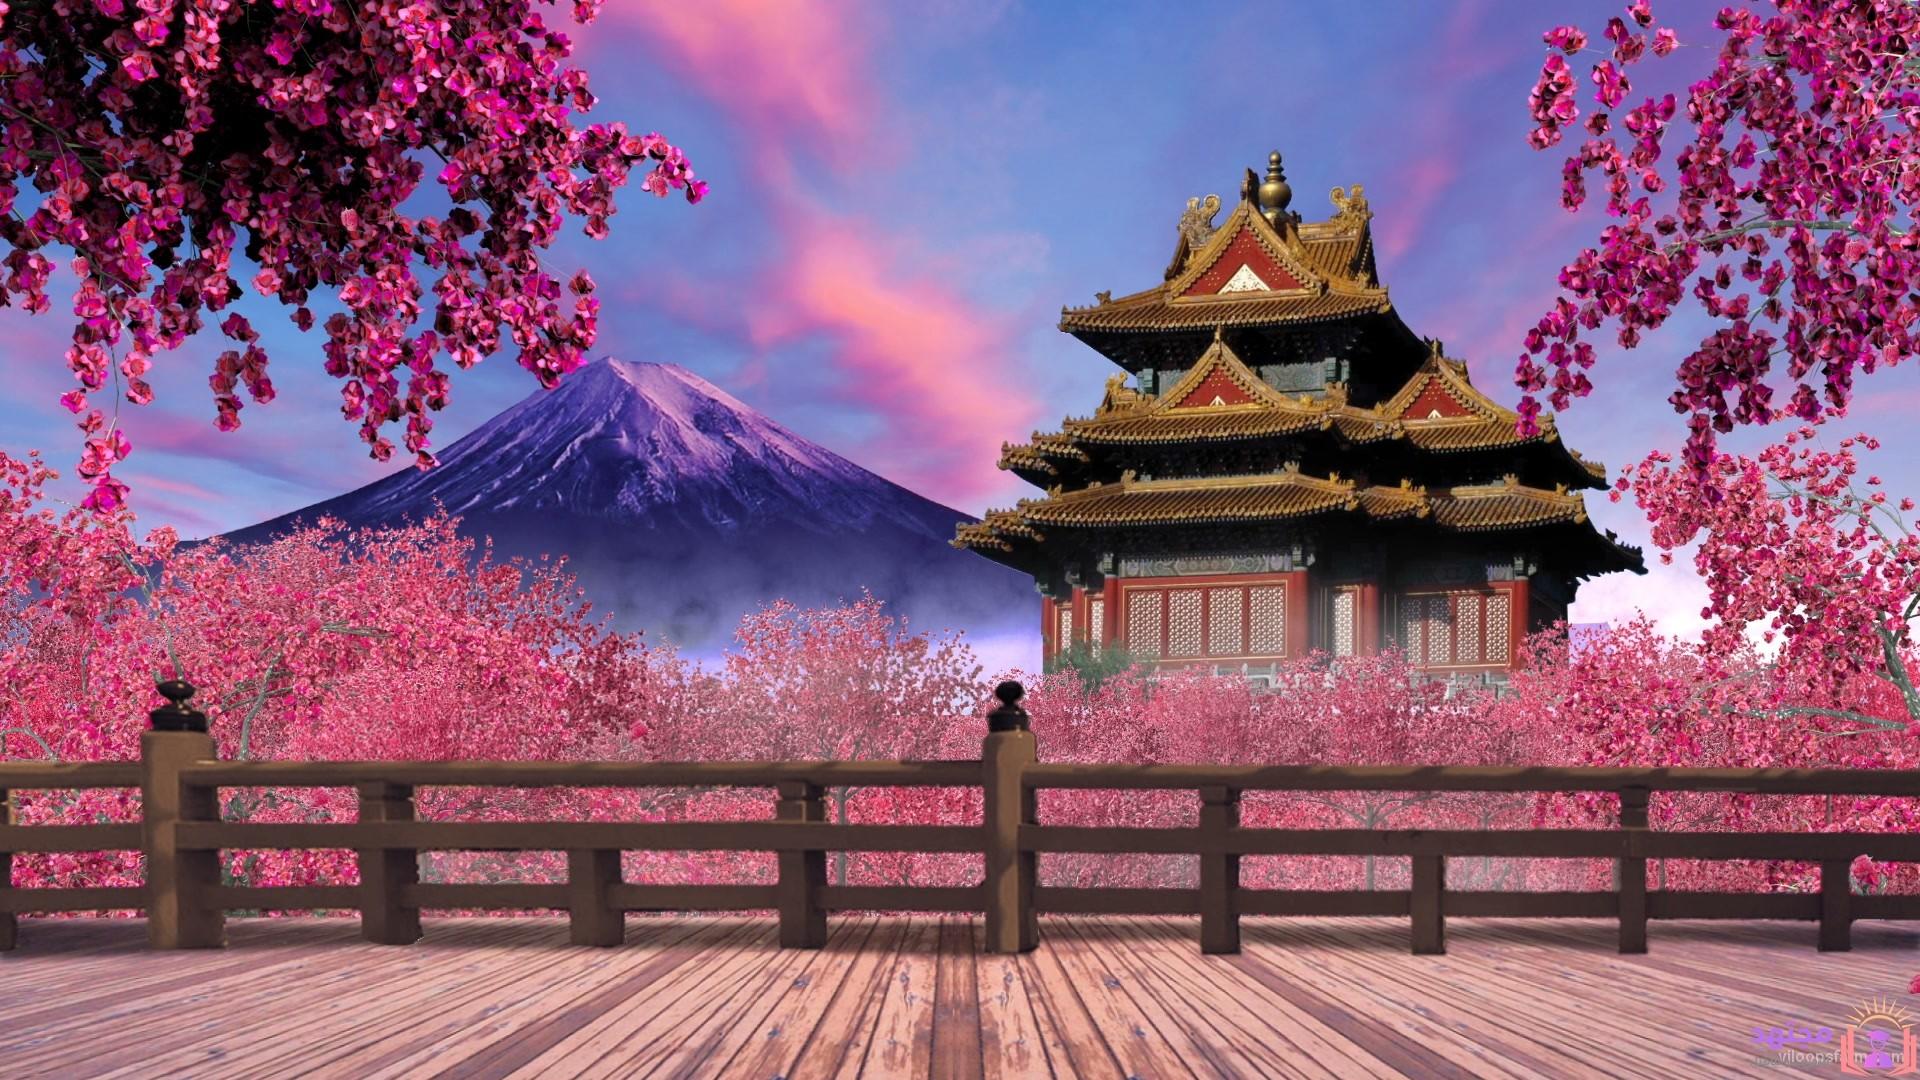 تعلم اللغة اليابانية , تعليم اللغة اليابانية , تعلم اليابانية ,